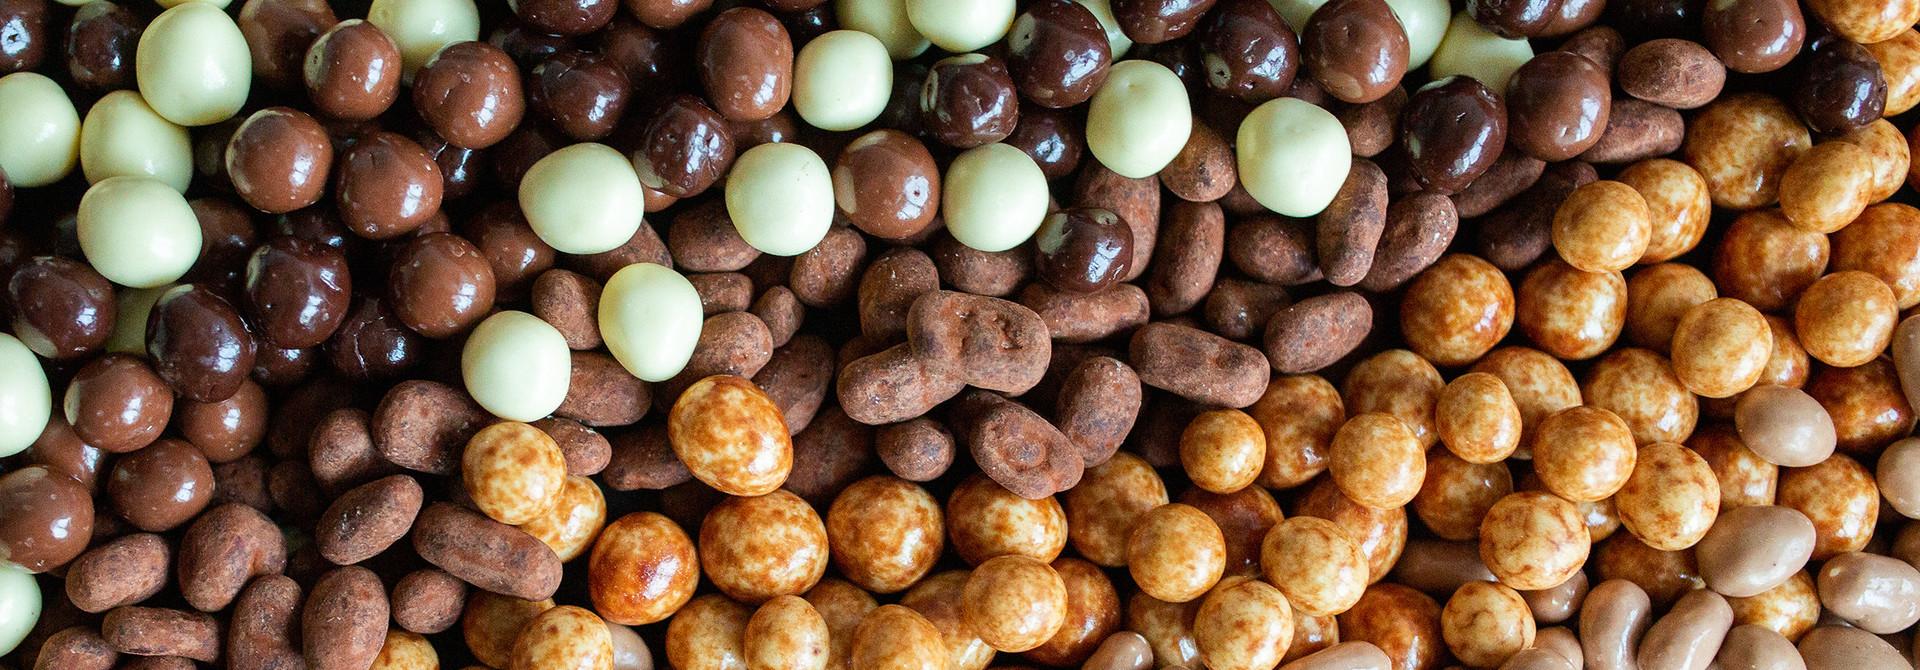 Gechocolateerde noten